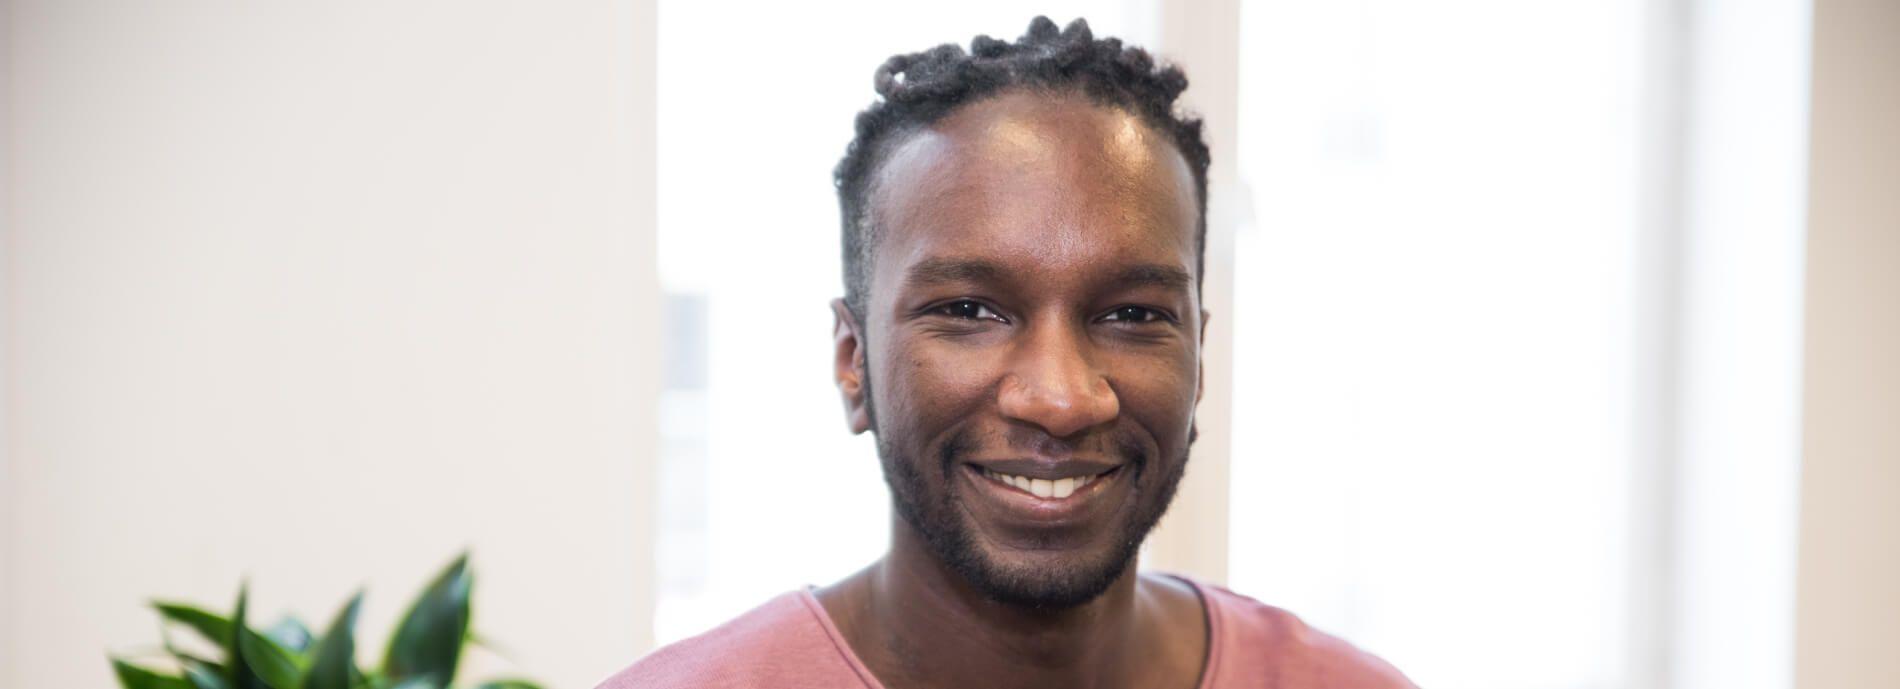 Meet Abou, fondateur de Onzic